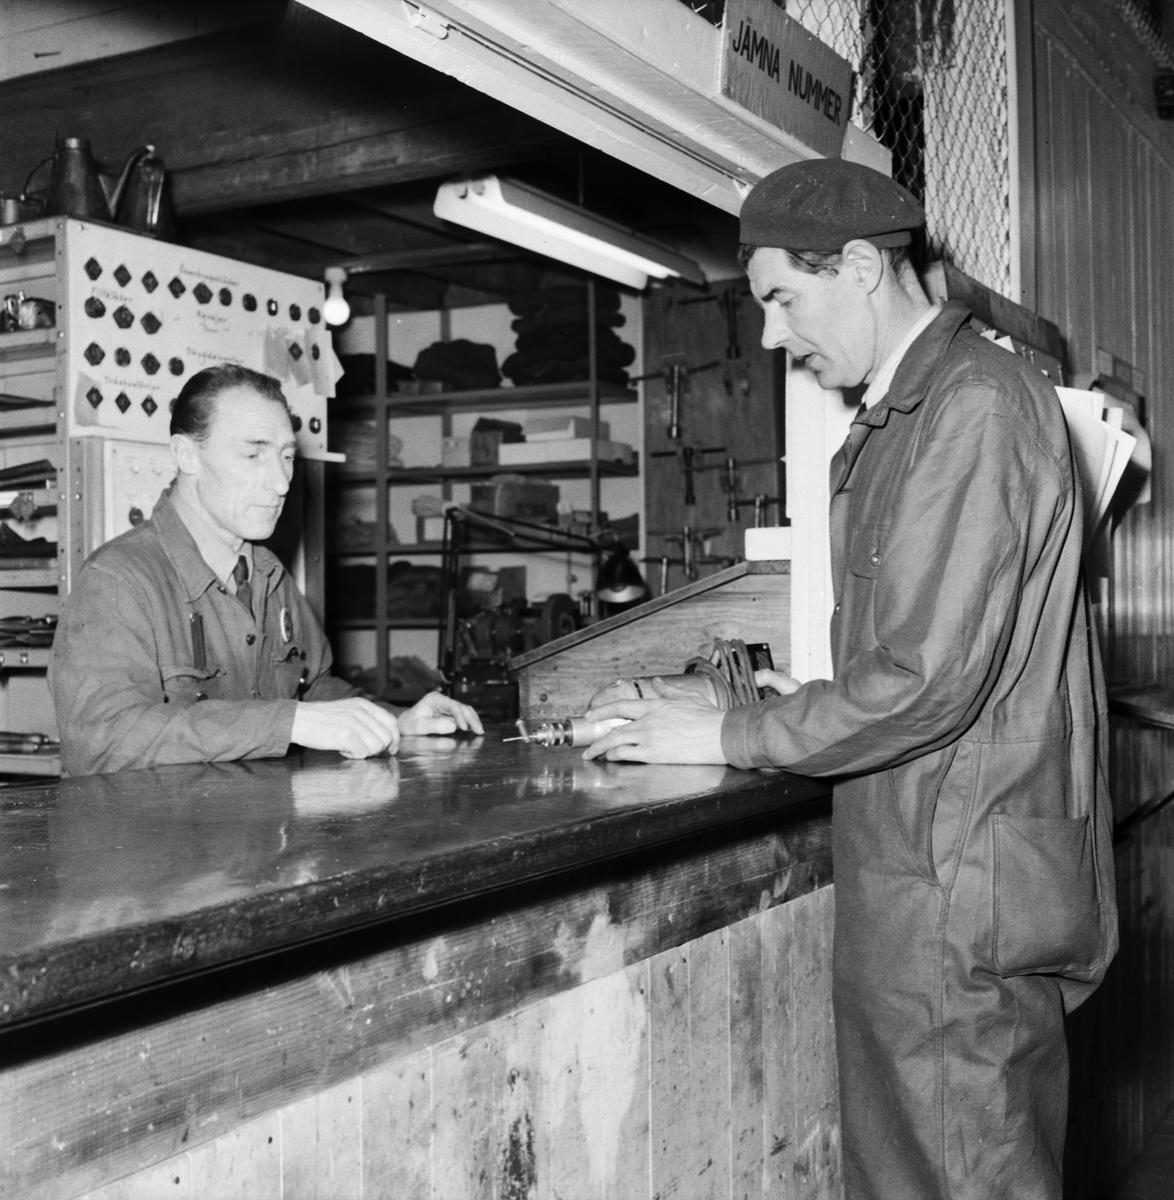 Övrigt: Foto datum: 27/2 1957 Byggnader och kranar Torpedverkstan interiör personaltidning